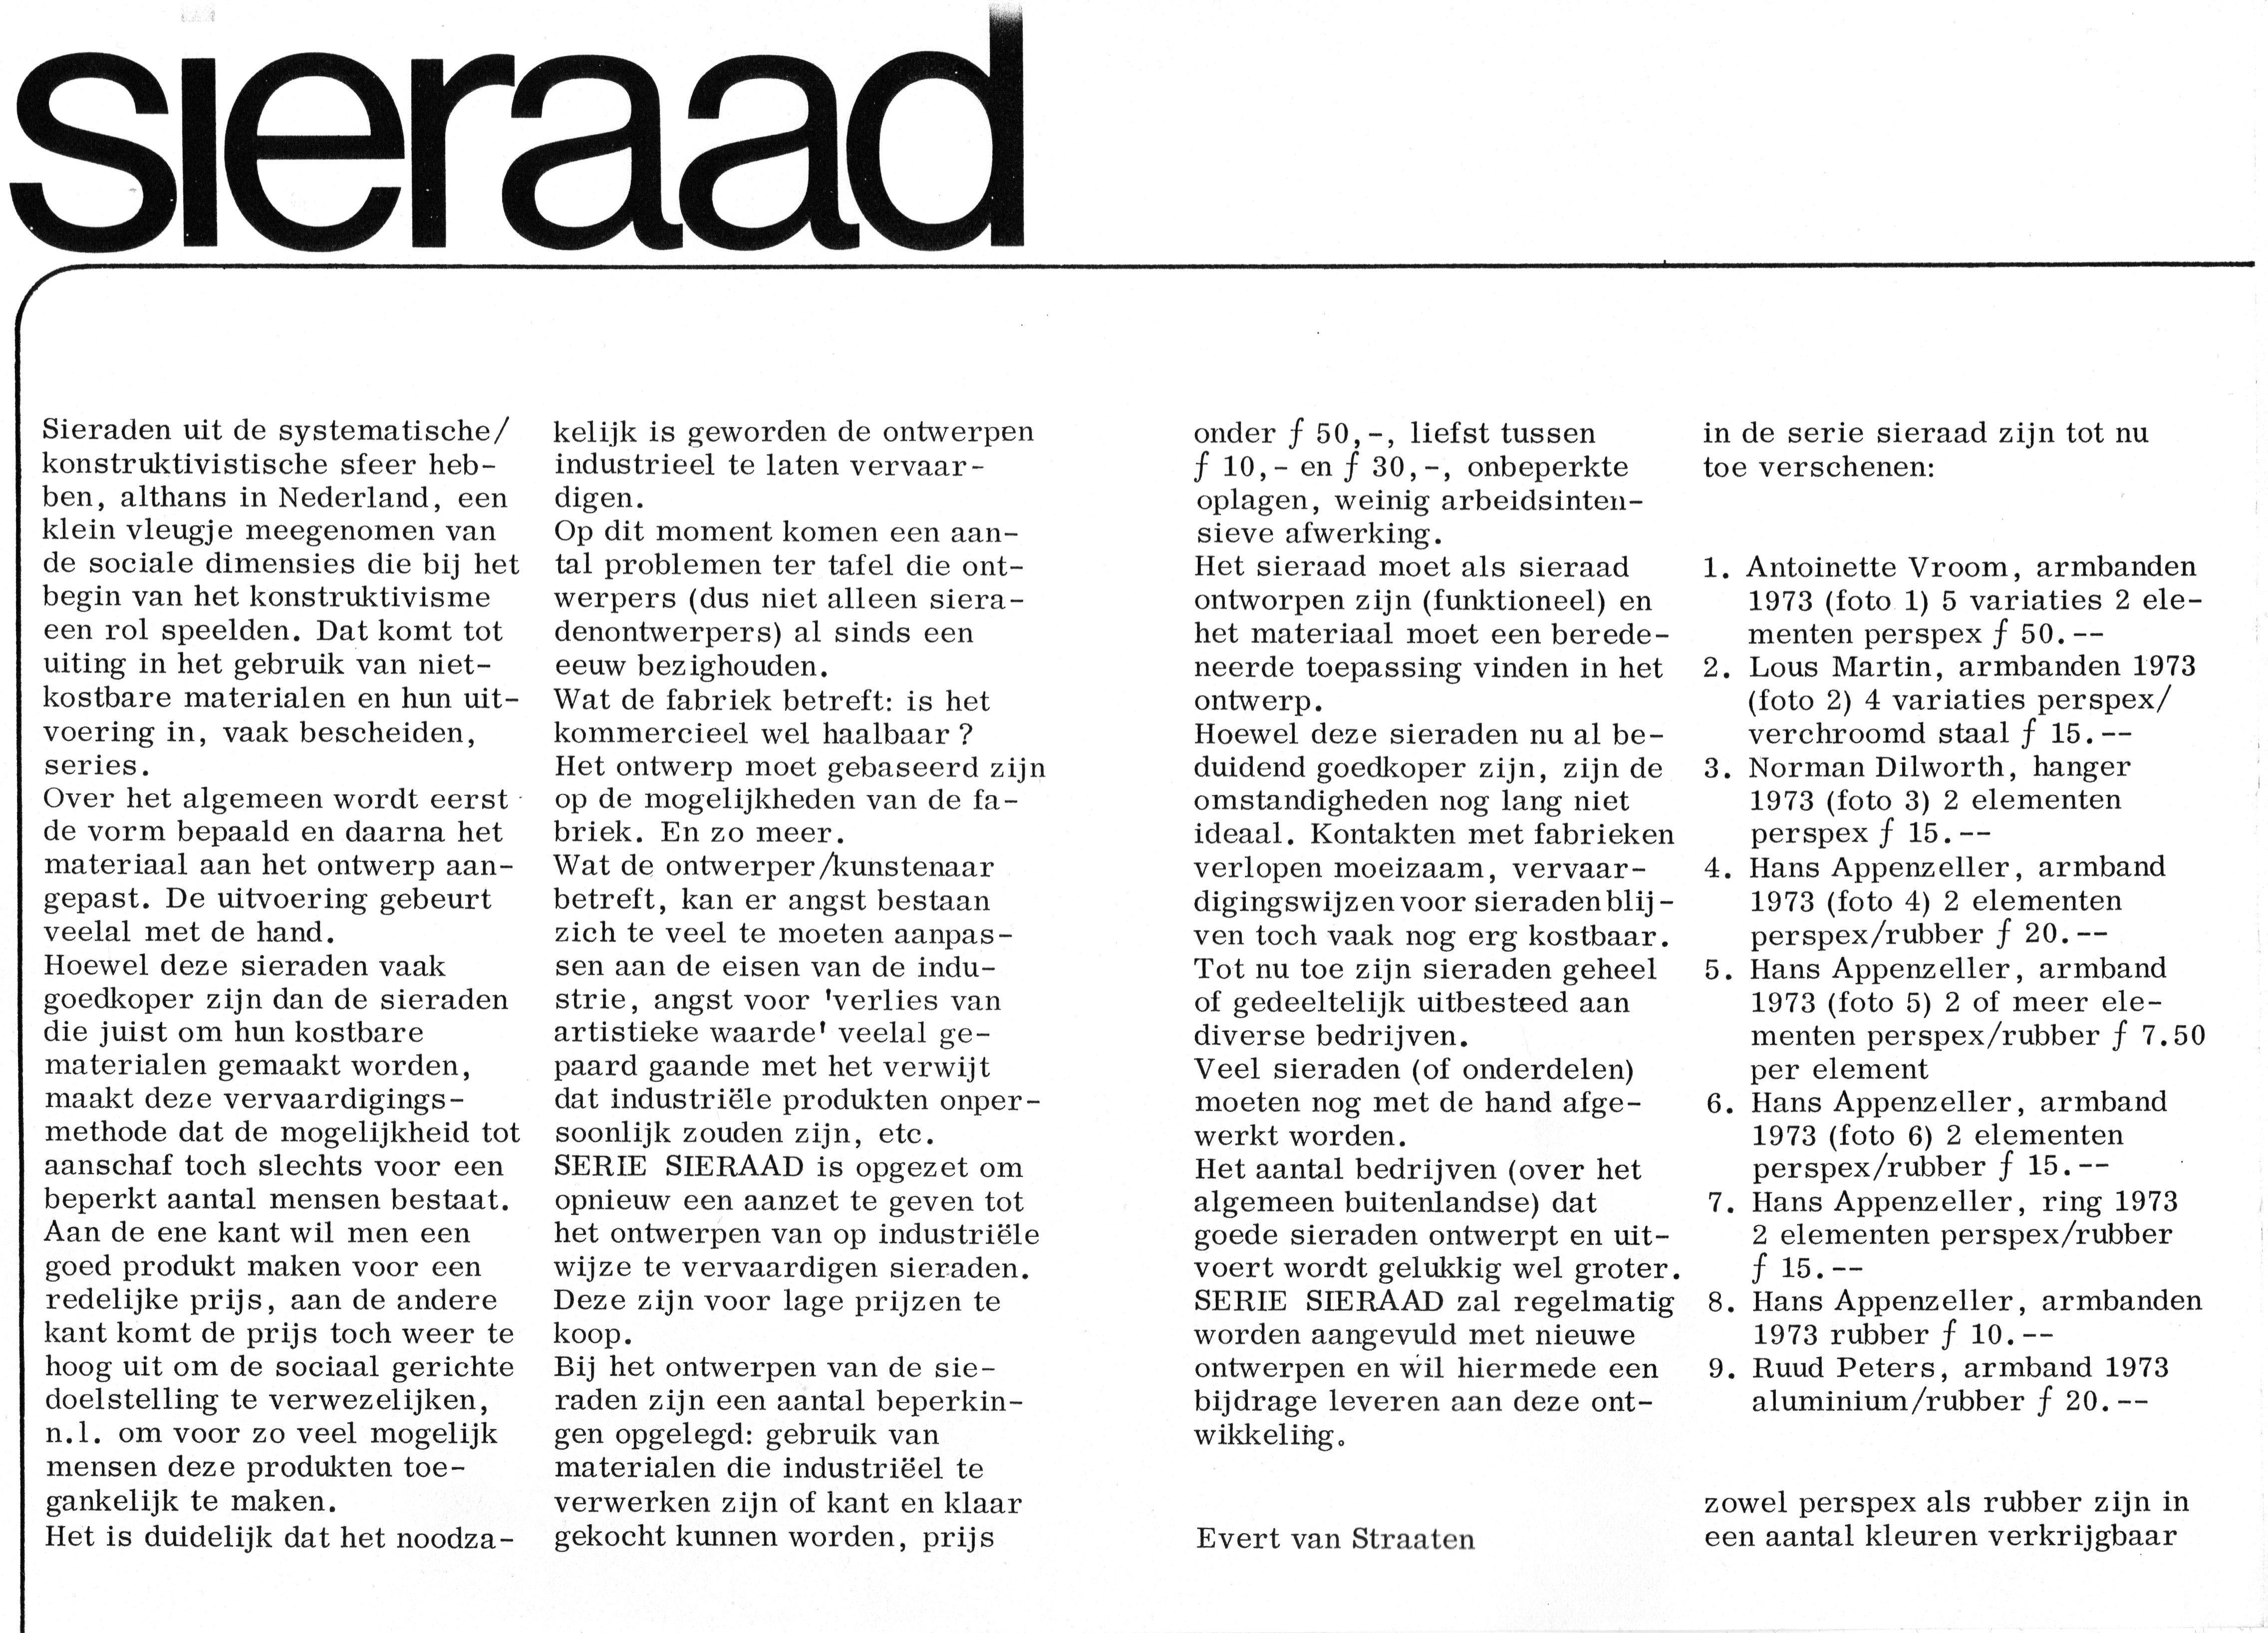 Uitnodiging Serie Sieraad, 1973, Galerie Sieraad, drukwerk, papier